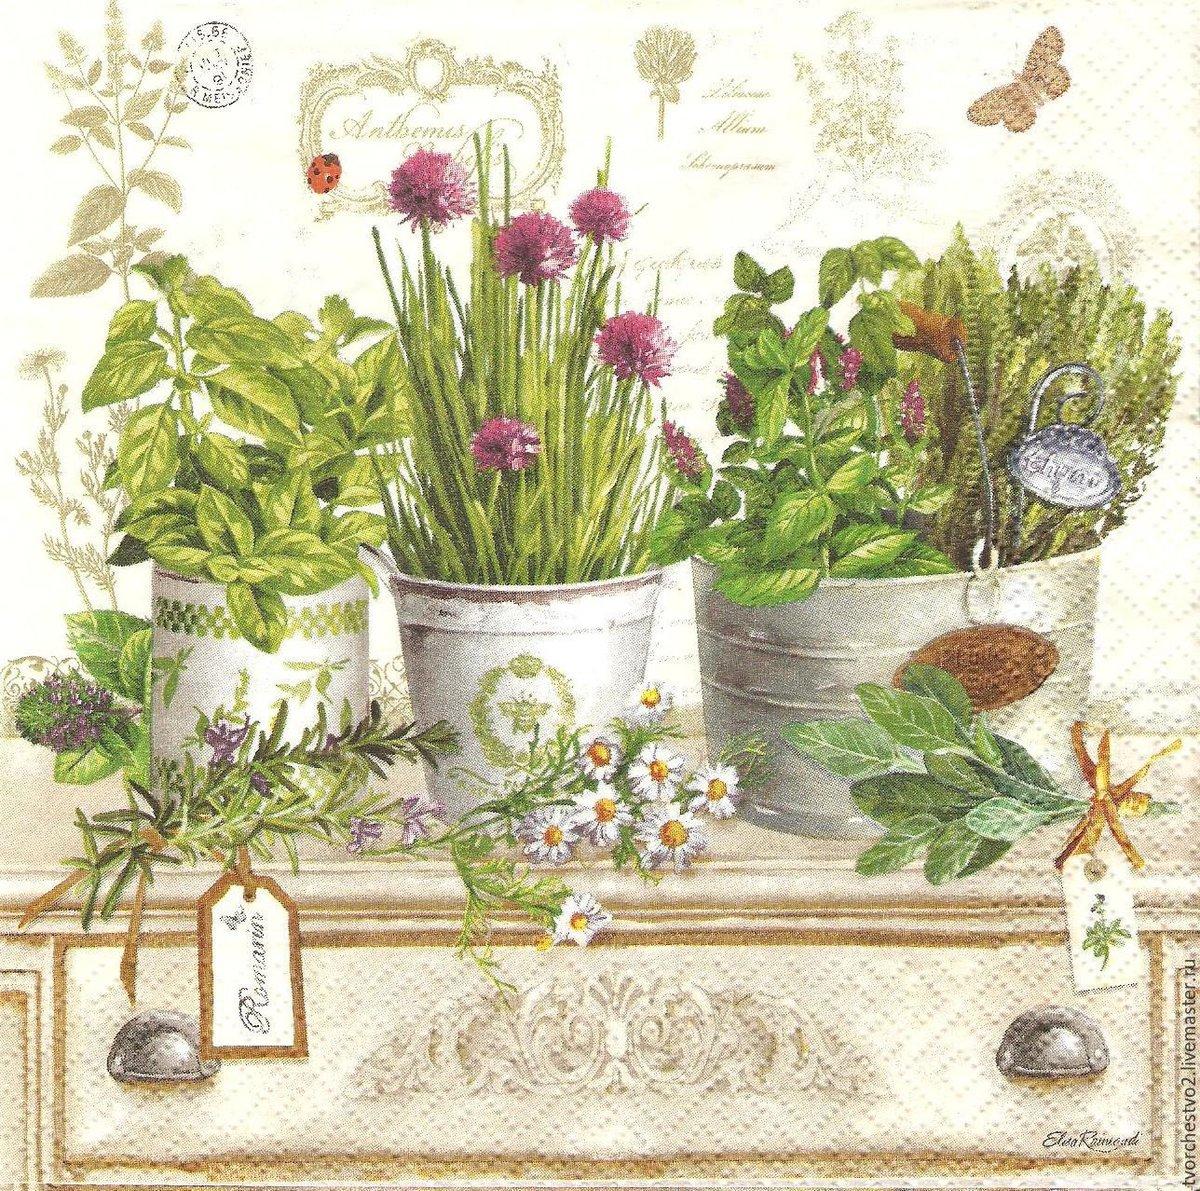 Скрапбукинг картинки летние натюрморты с цветами